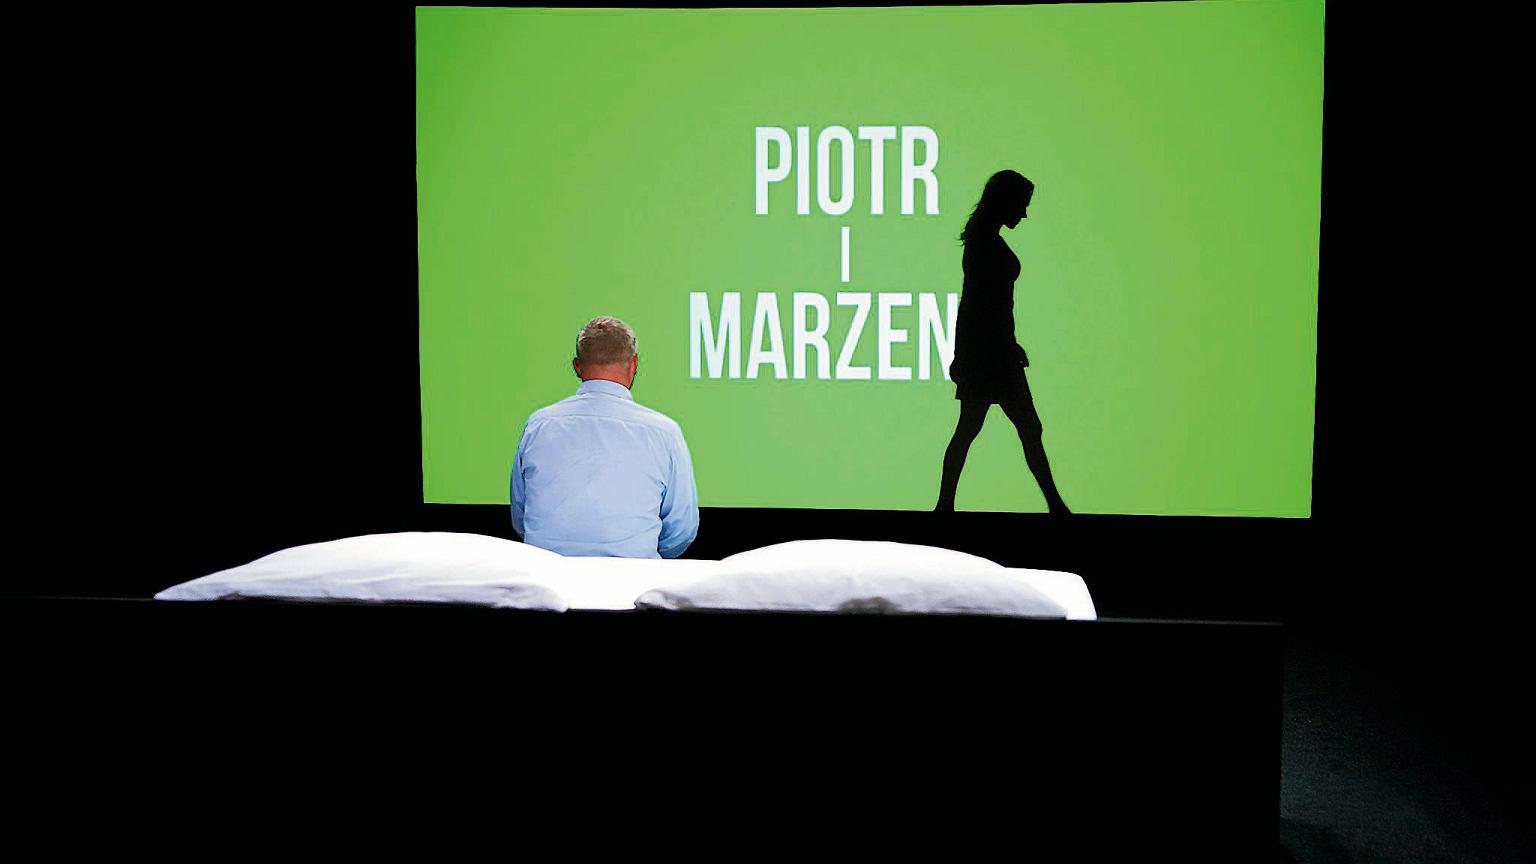 polska randka w niemczech Warszawa